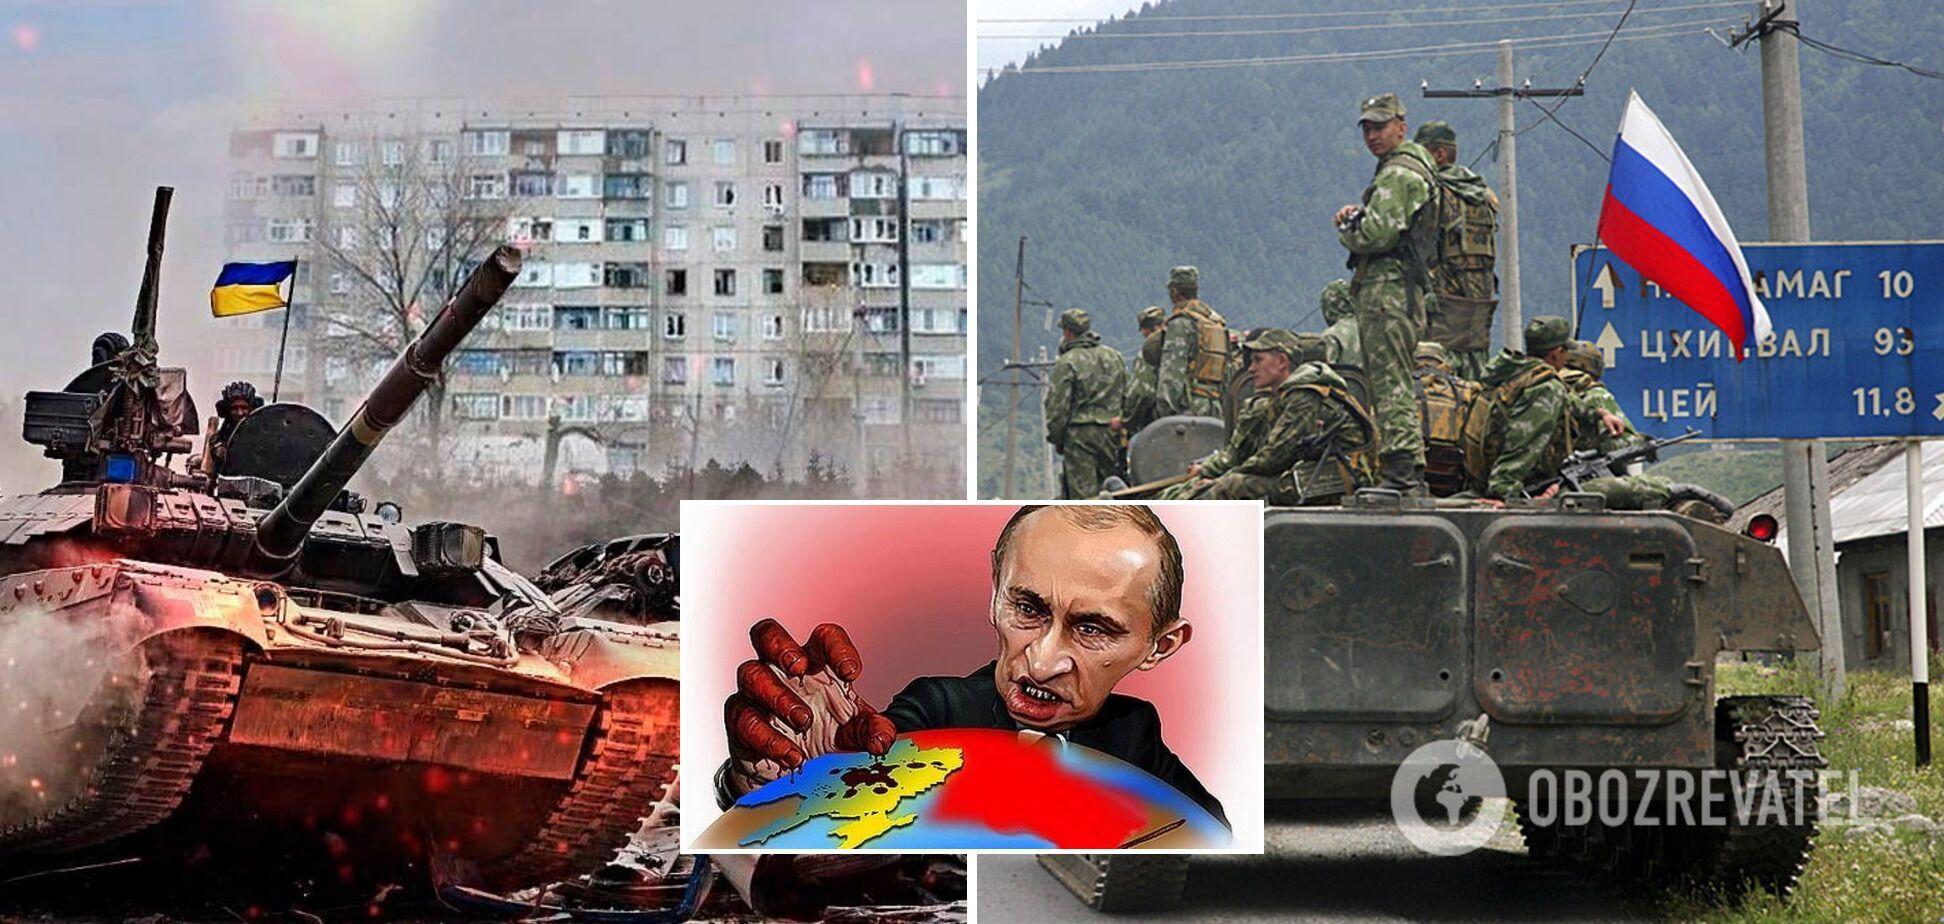 Господа самоназваные правители России, пора возвращать чужое!